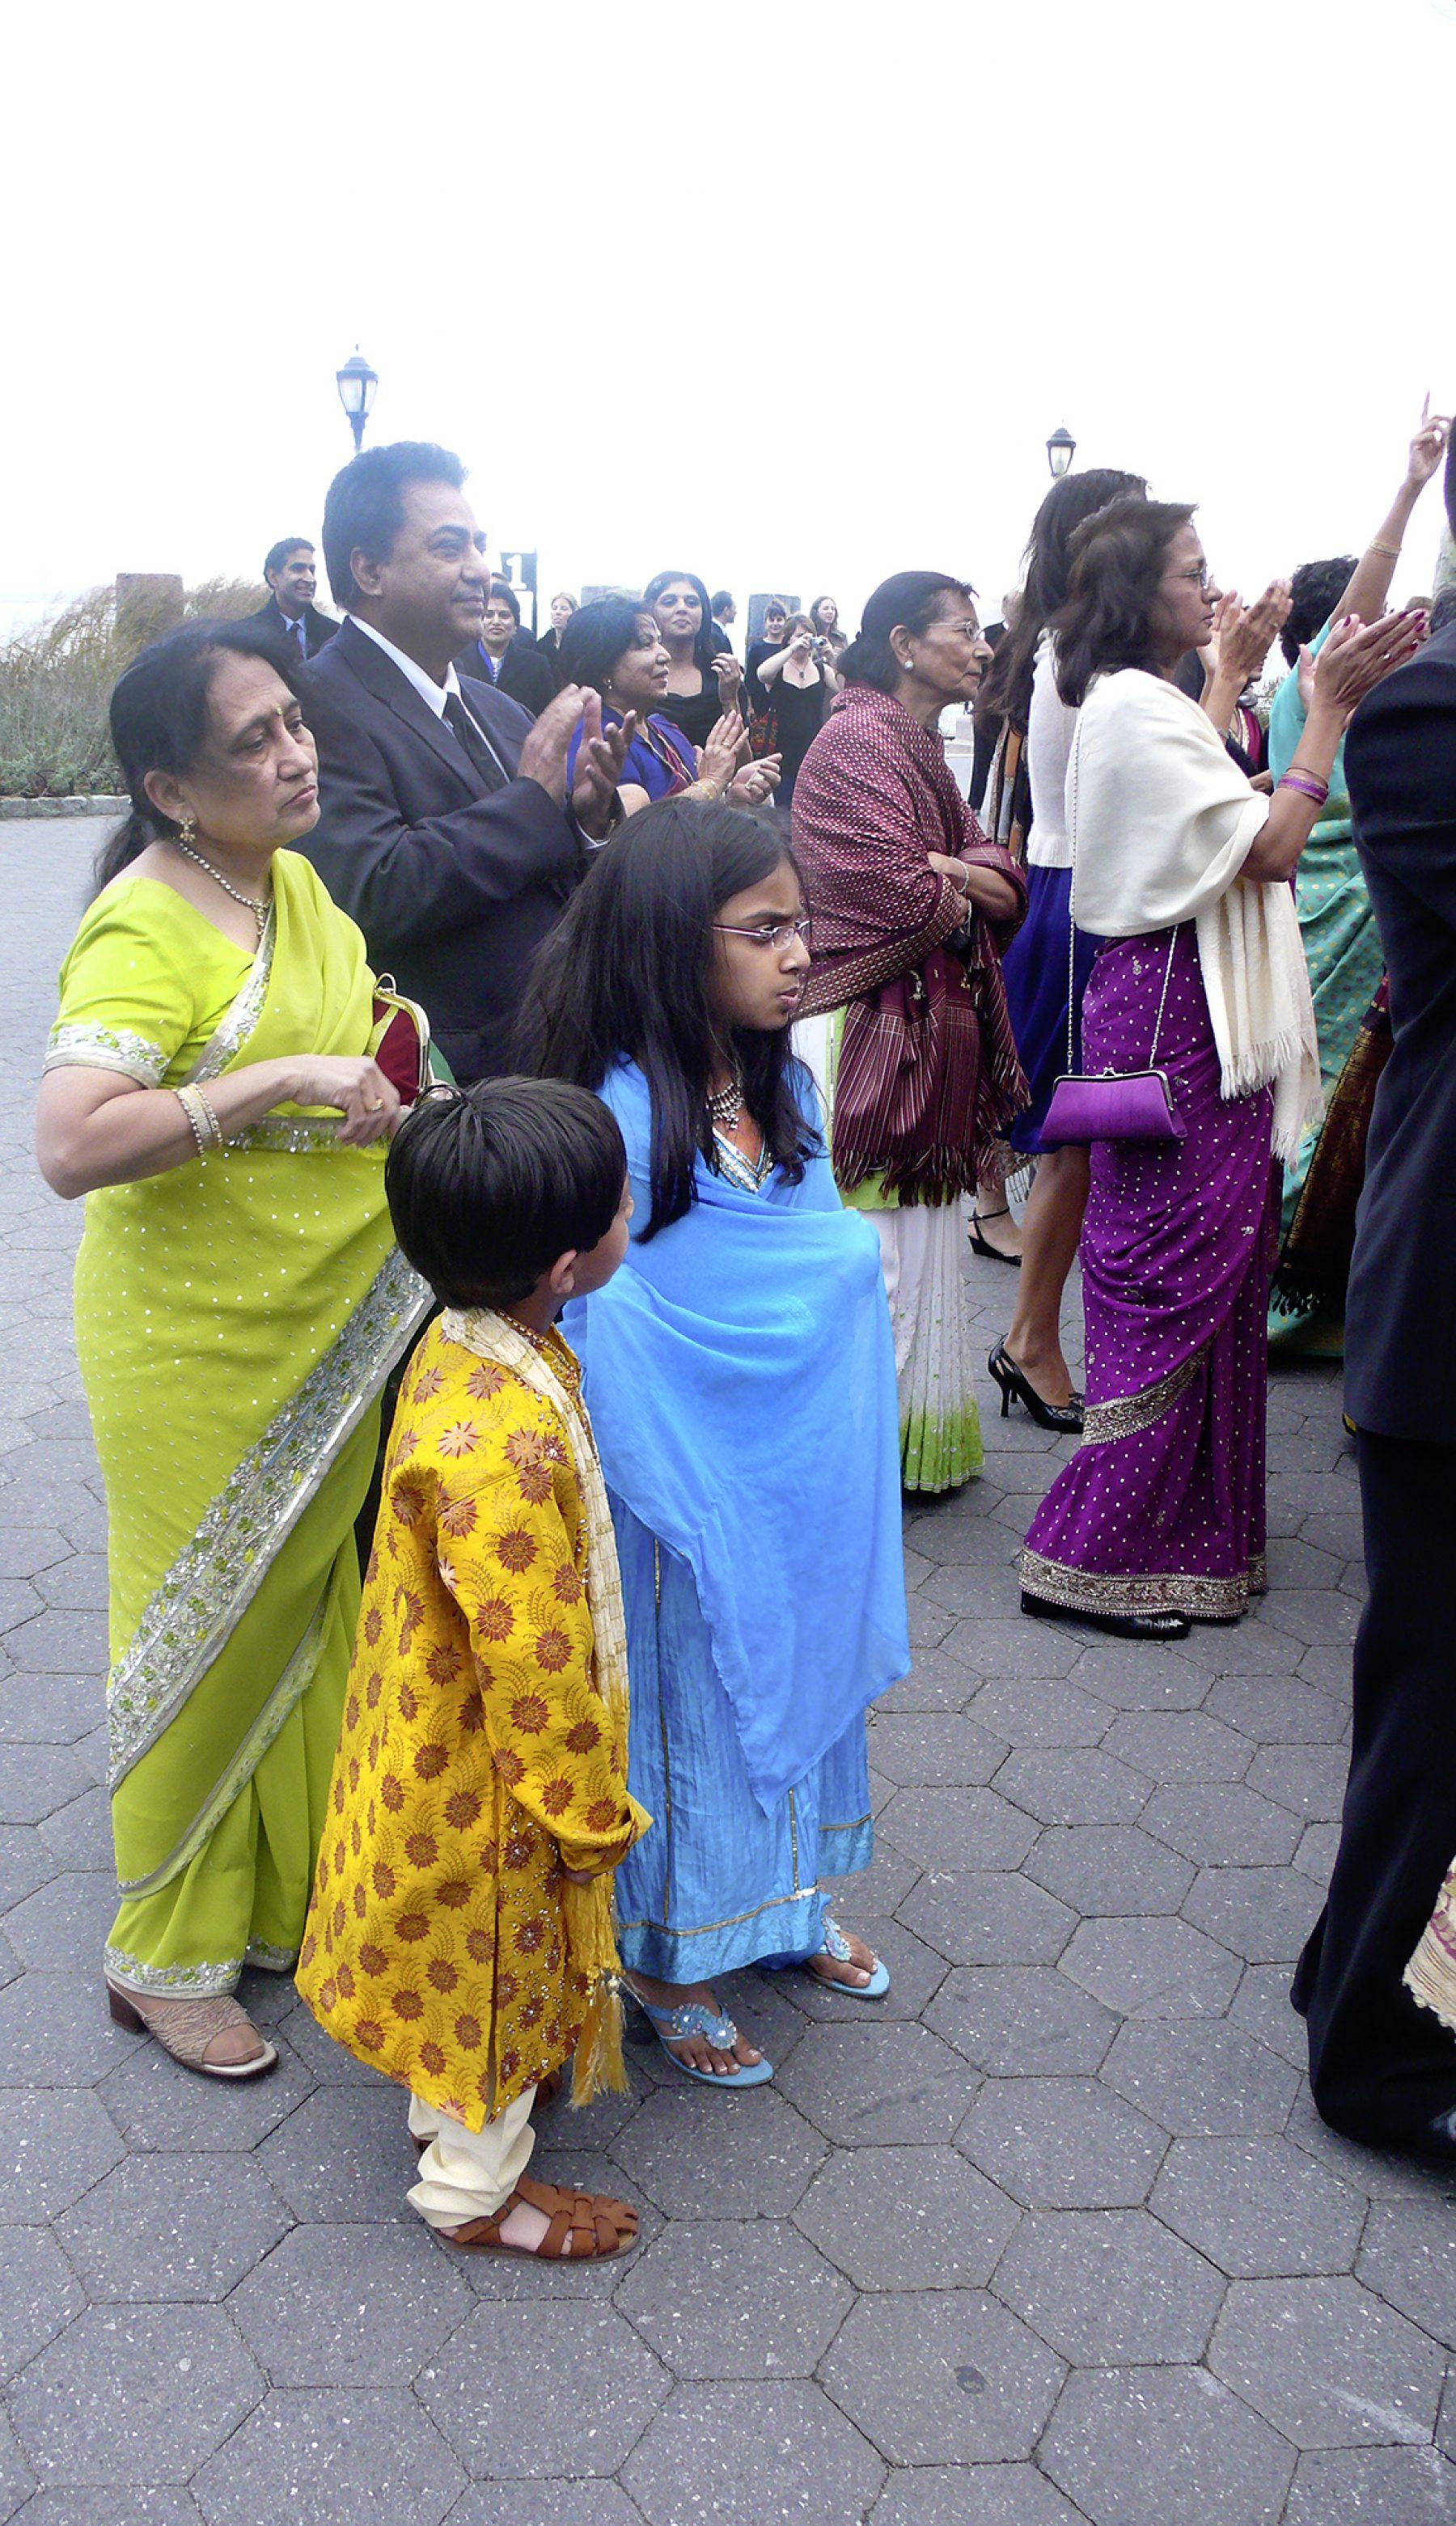 Indischehochzeitkinder